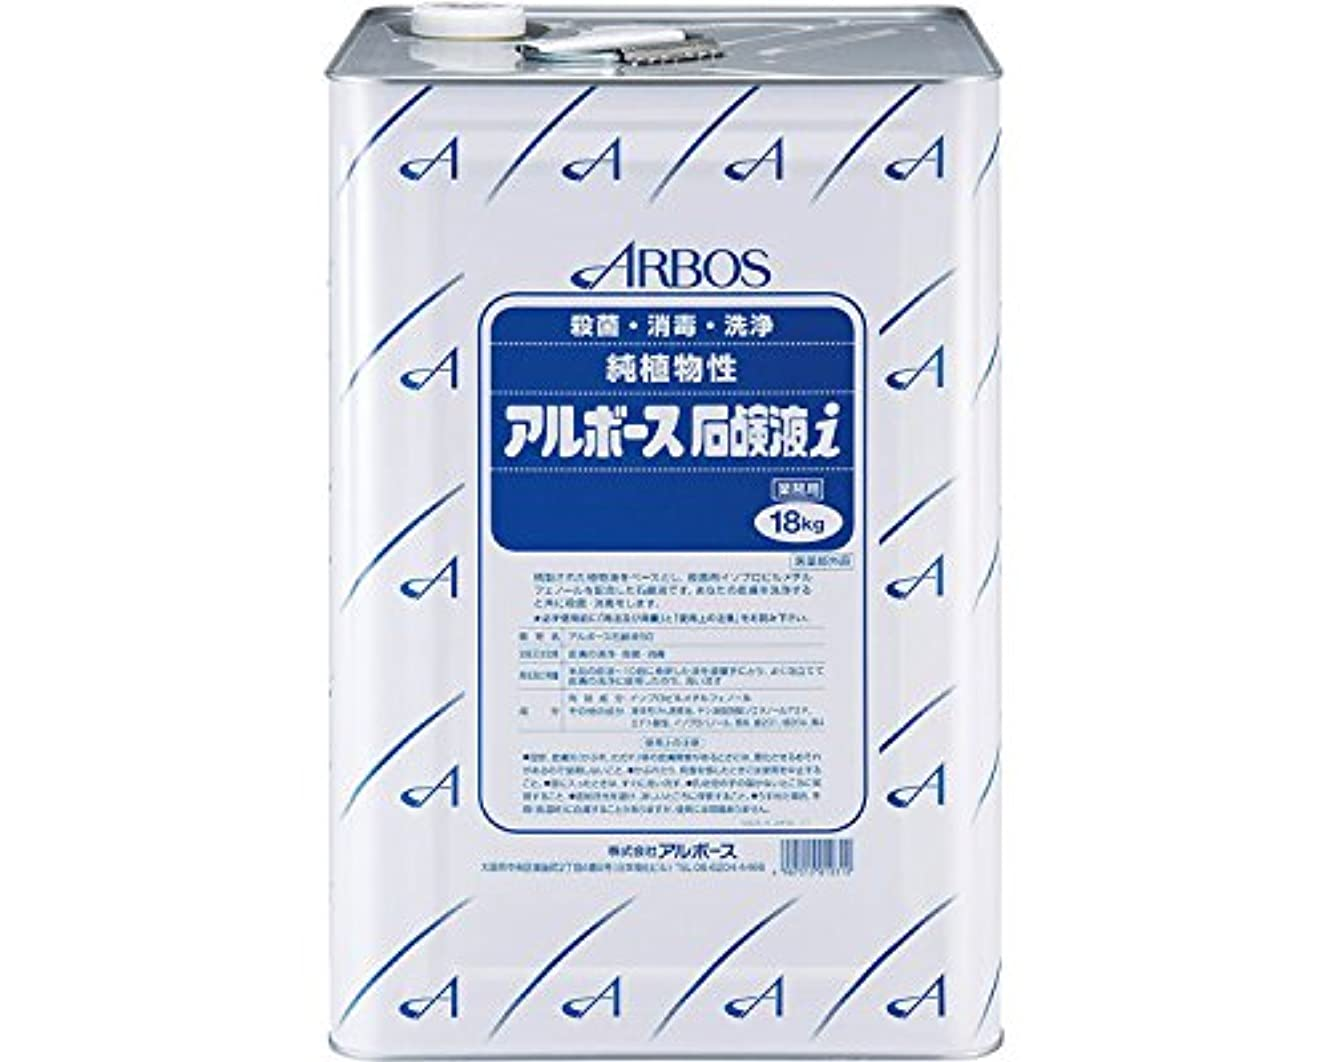 団結するキーゴシップアルボース石鹸液i 18kg (アルボース)